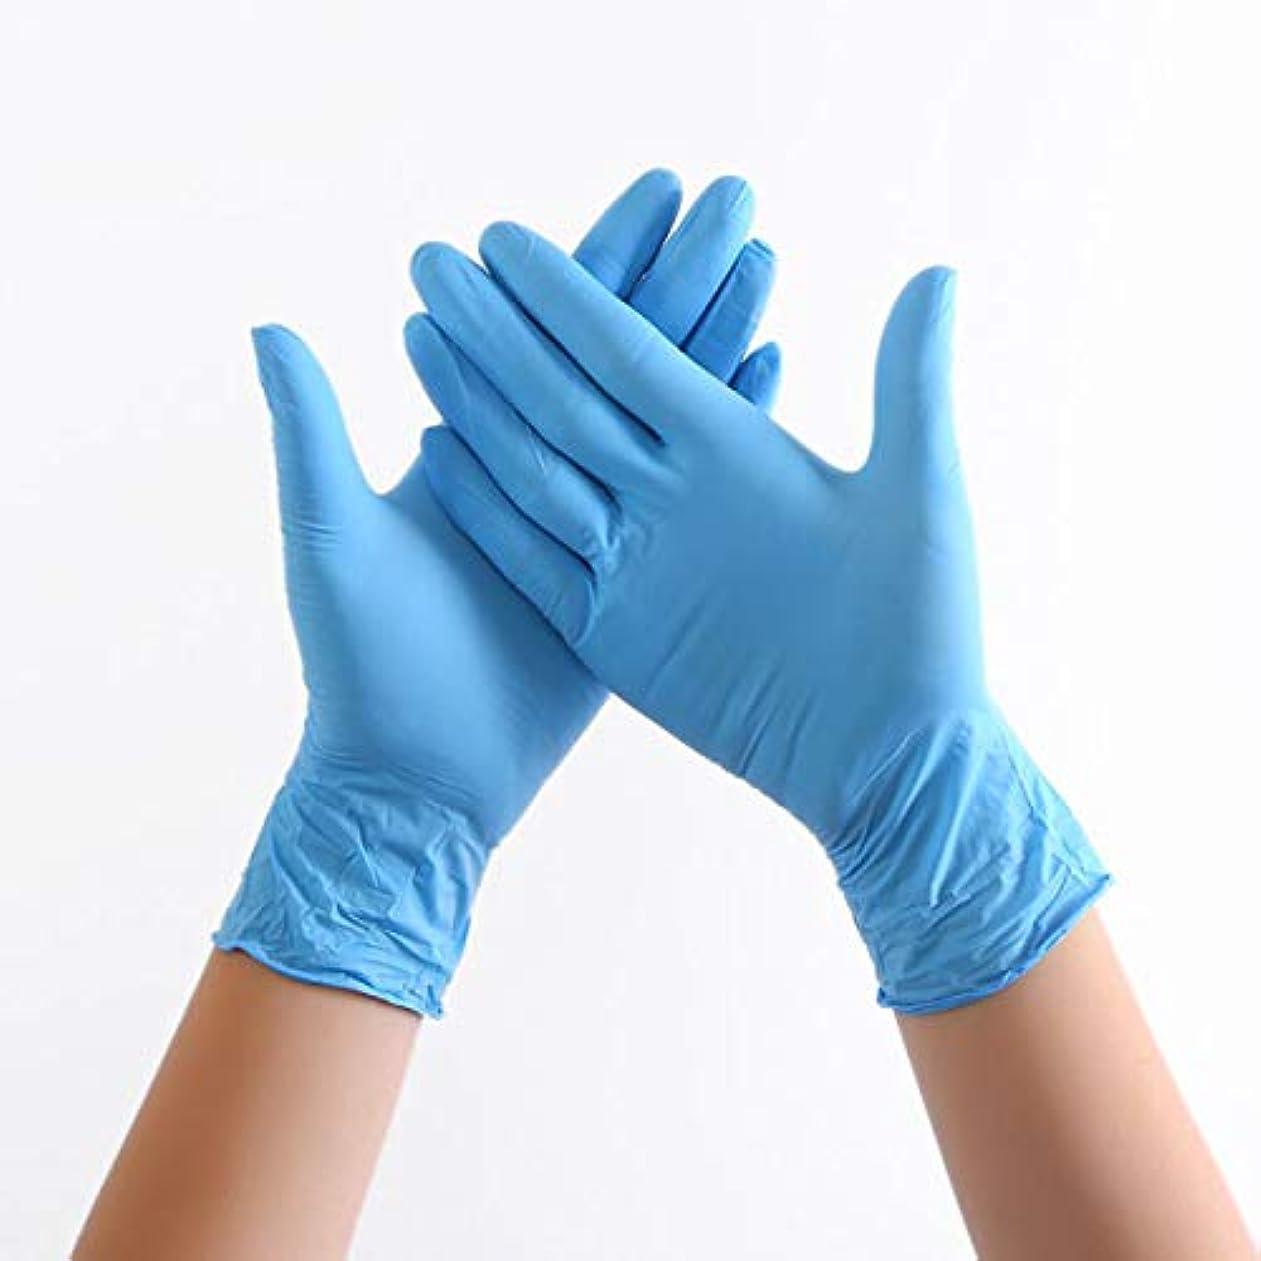 単語読む大騒ぎニトリルグローブ 使い捨て手袋 グローブ パウダーフリー 作業 介護 調理 炊事 園芸 掃除用,Blue100,XS